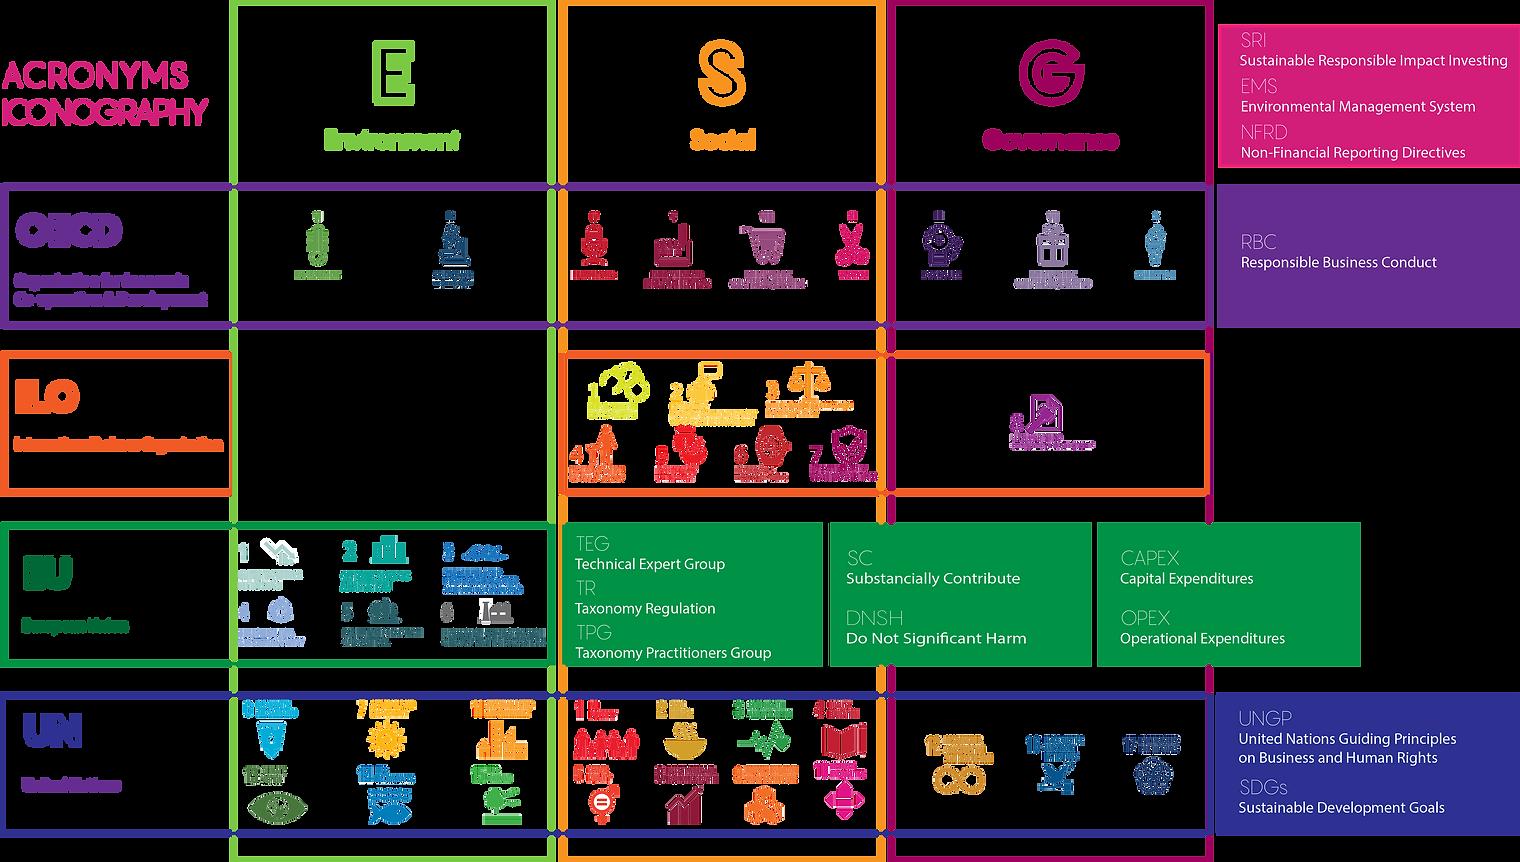 ESG_Framework.png